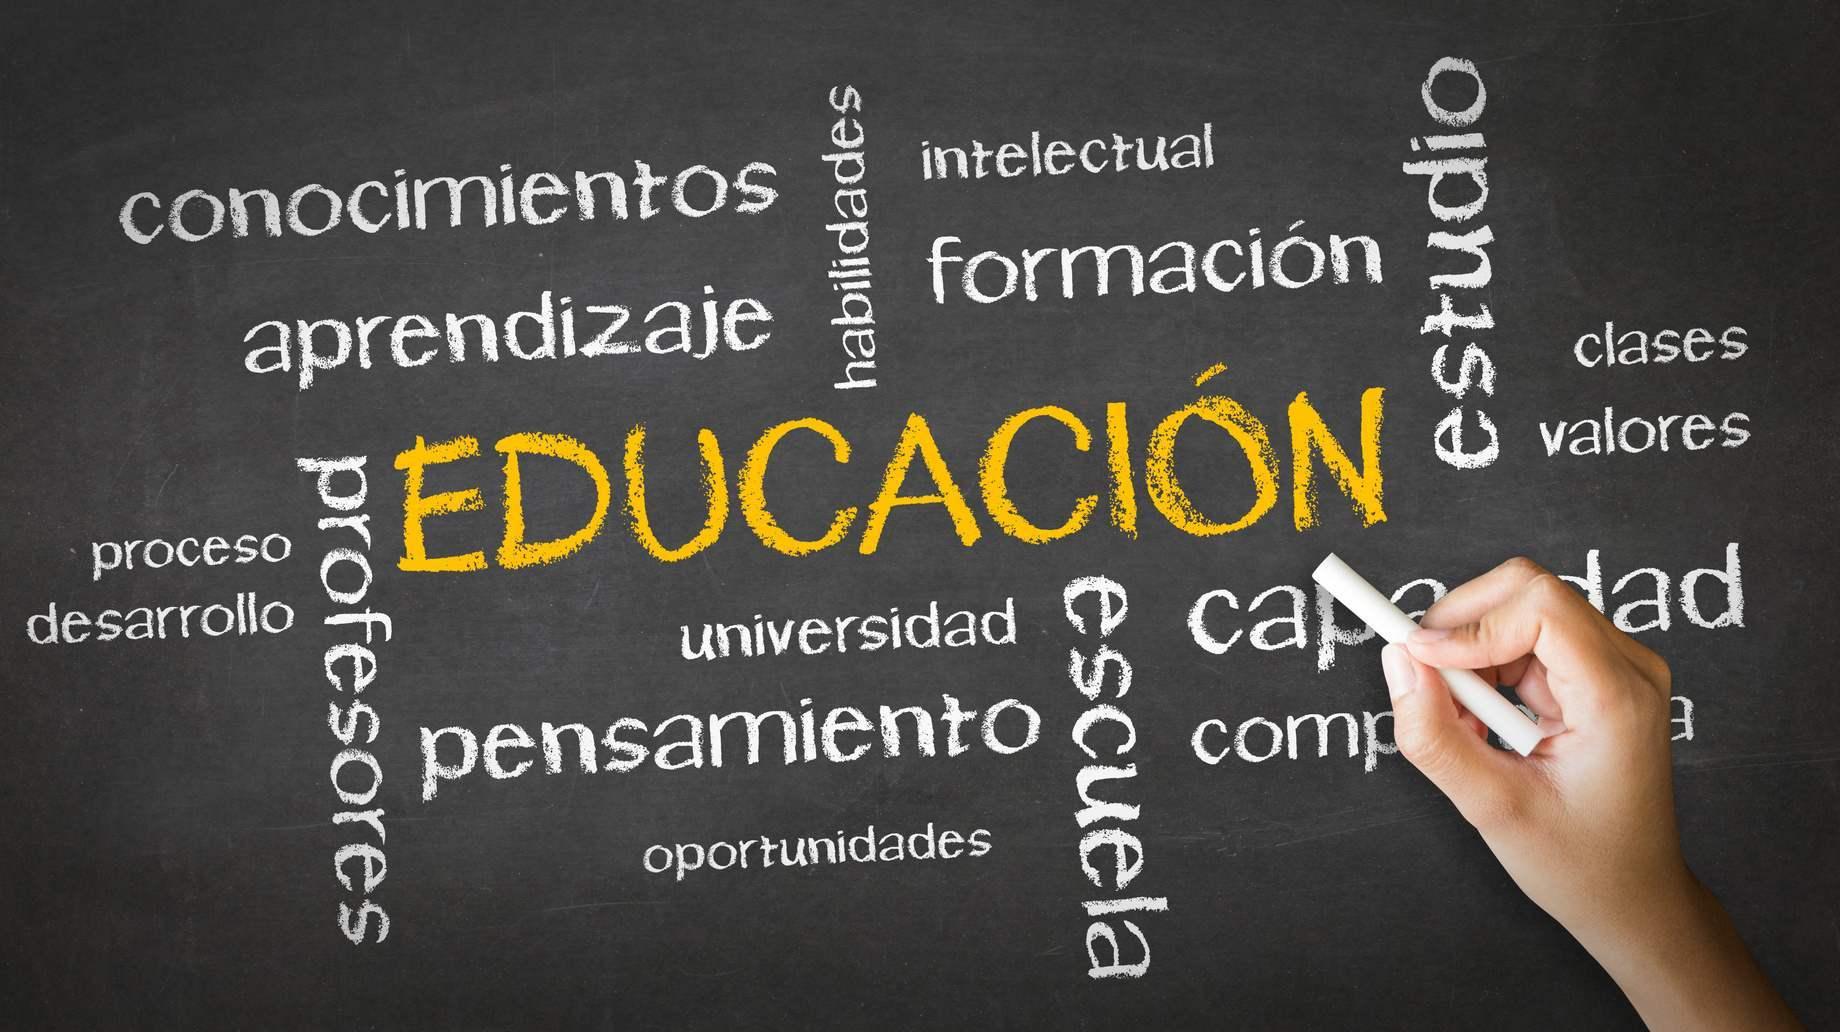 Educación en Escuela de Idiomas Nerja